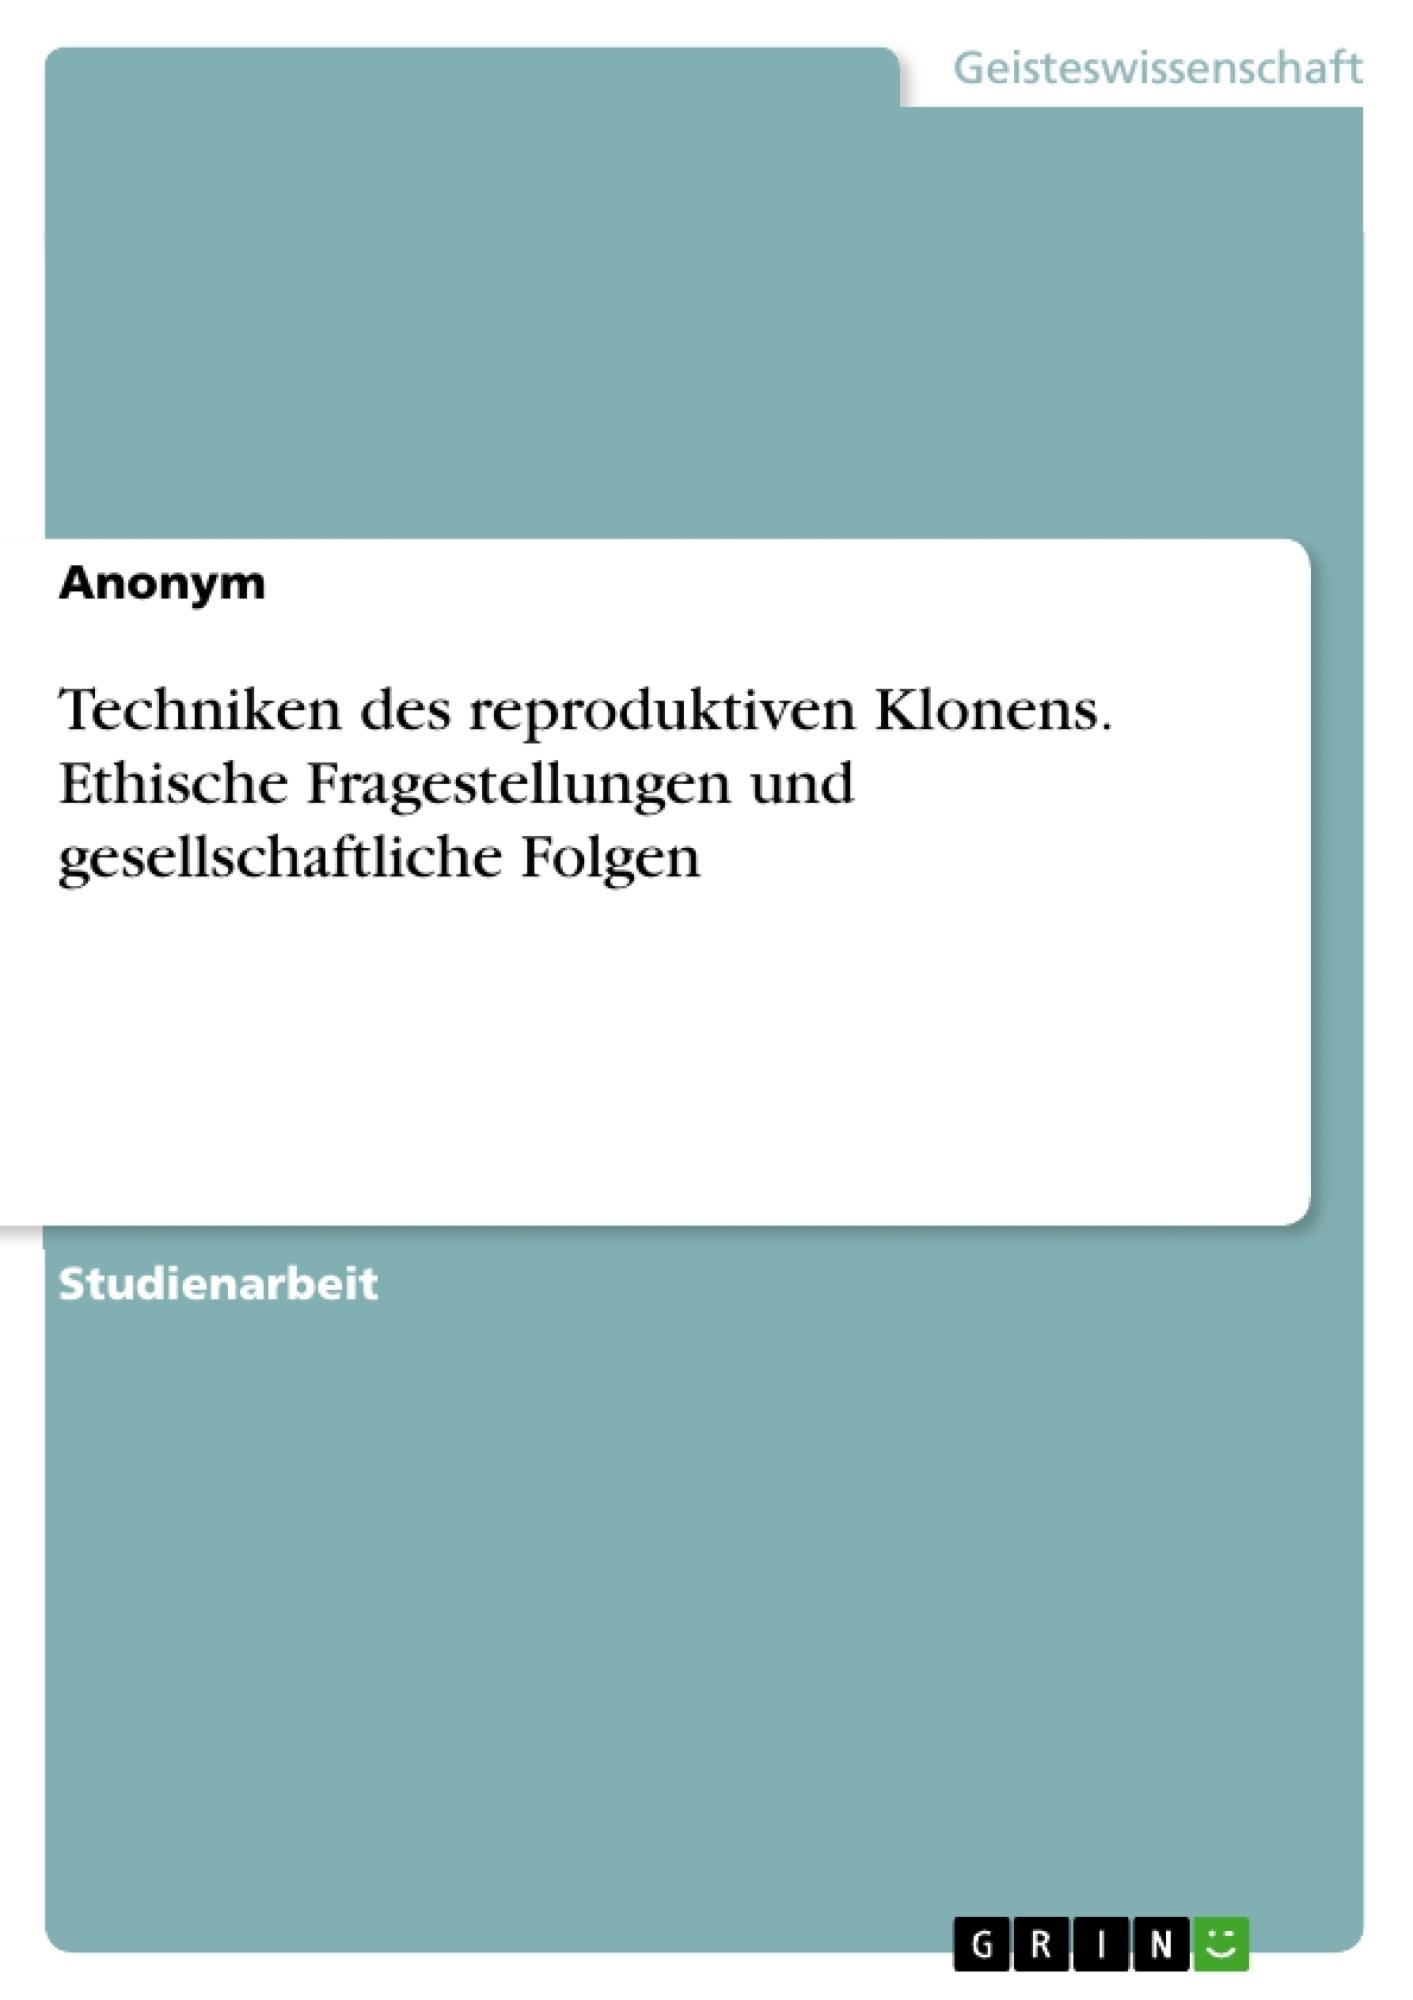 Titel: Techniken des reproduktiven Klonens. Ethische Fragestellungen und gesellschaftliche Folgen